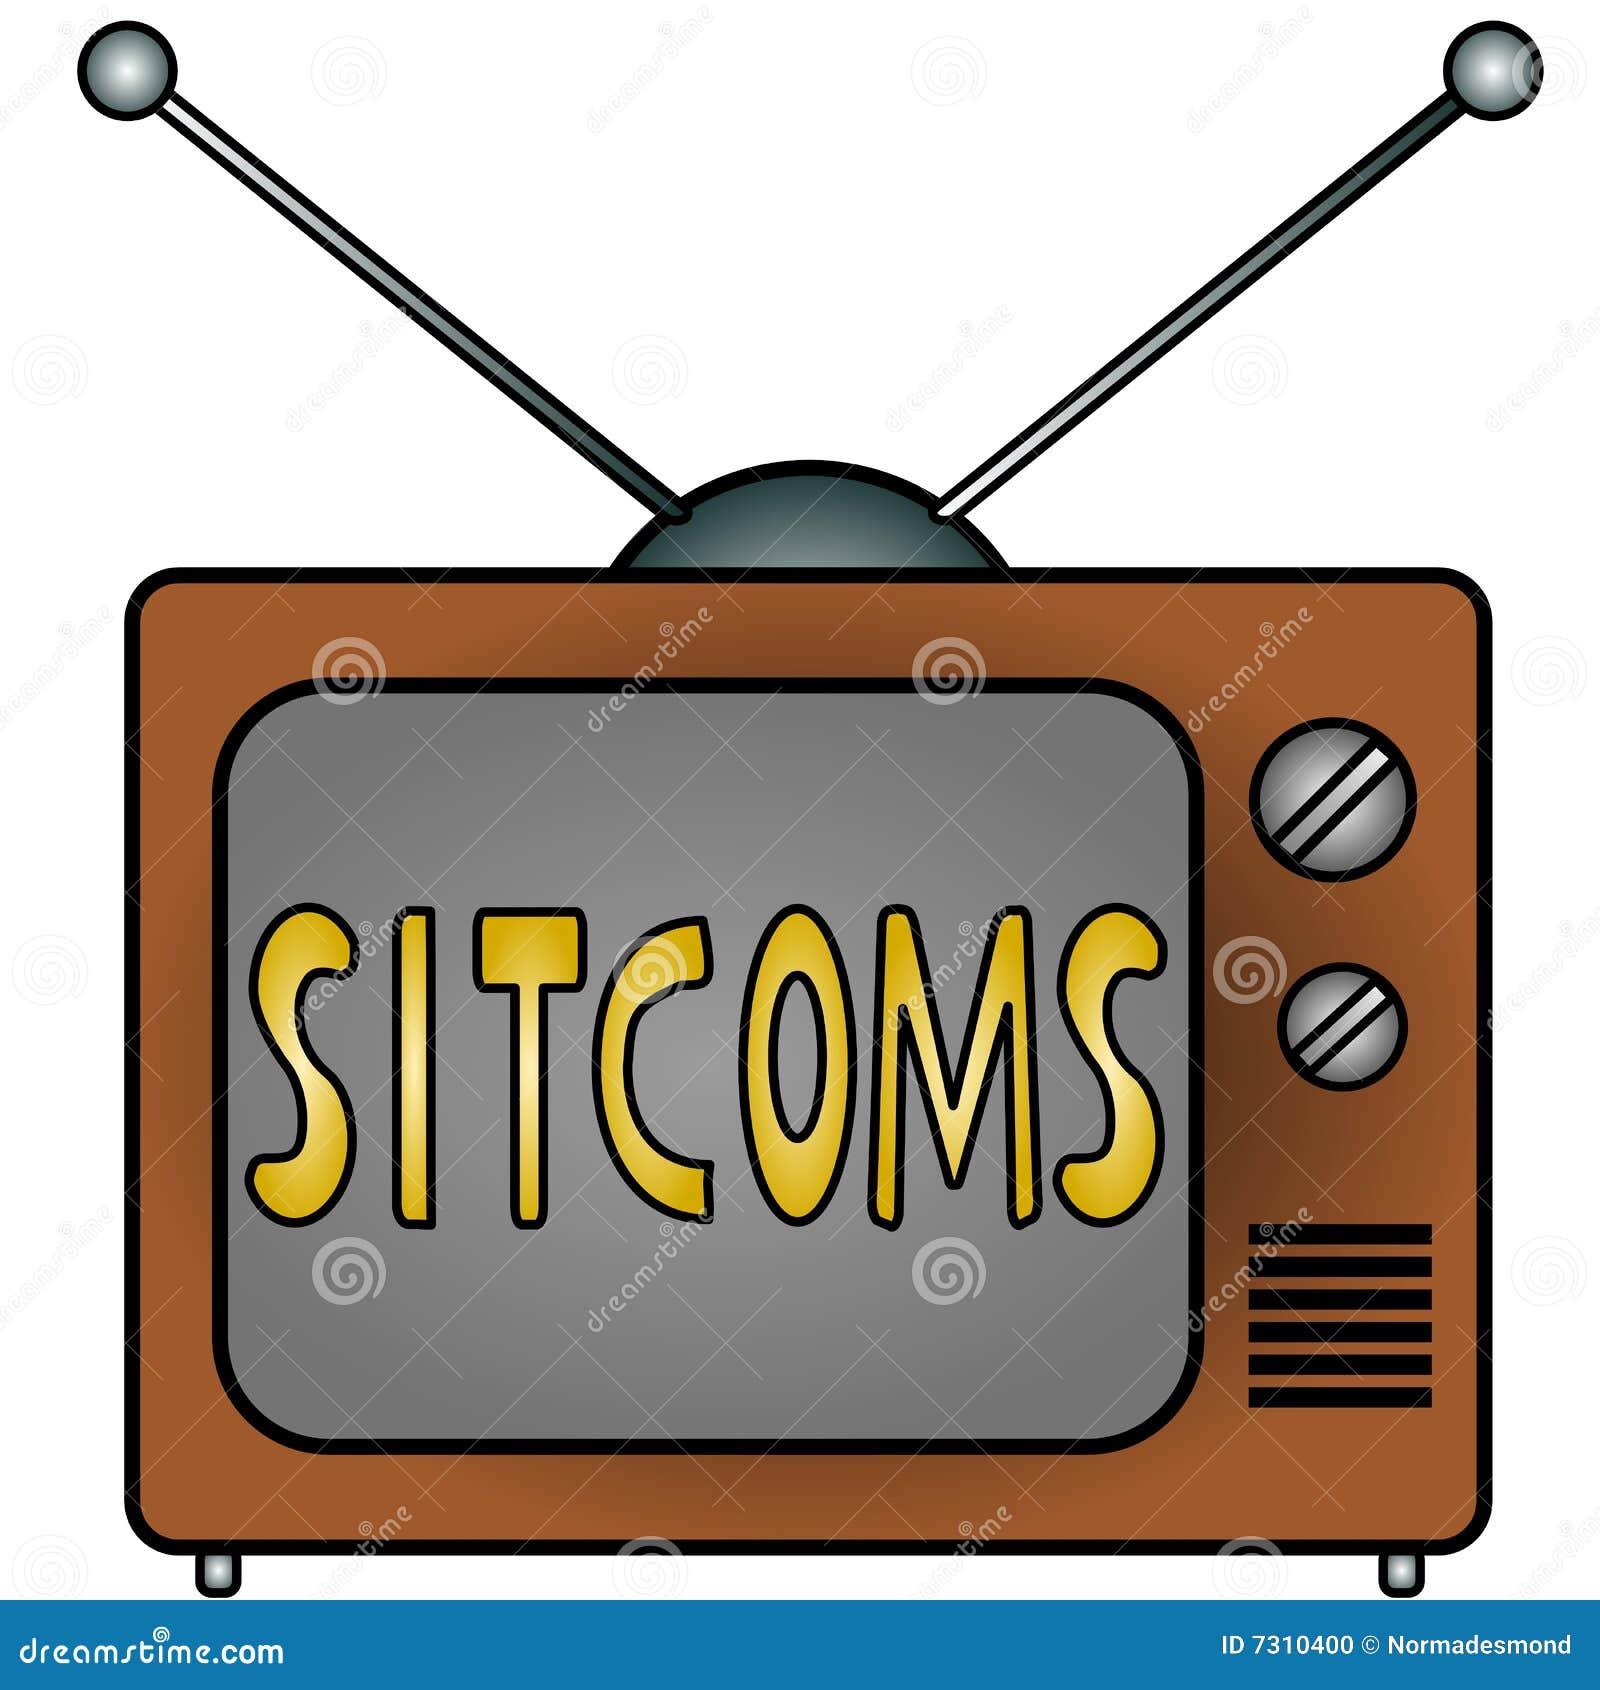 sitcoms analyzed